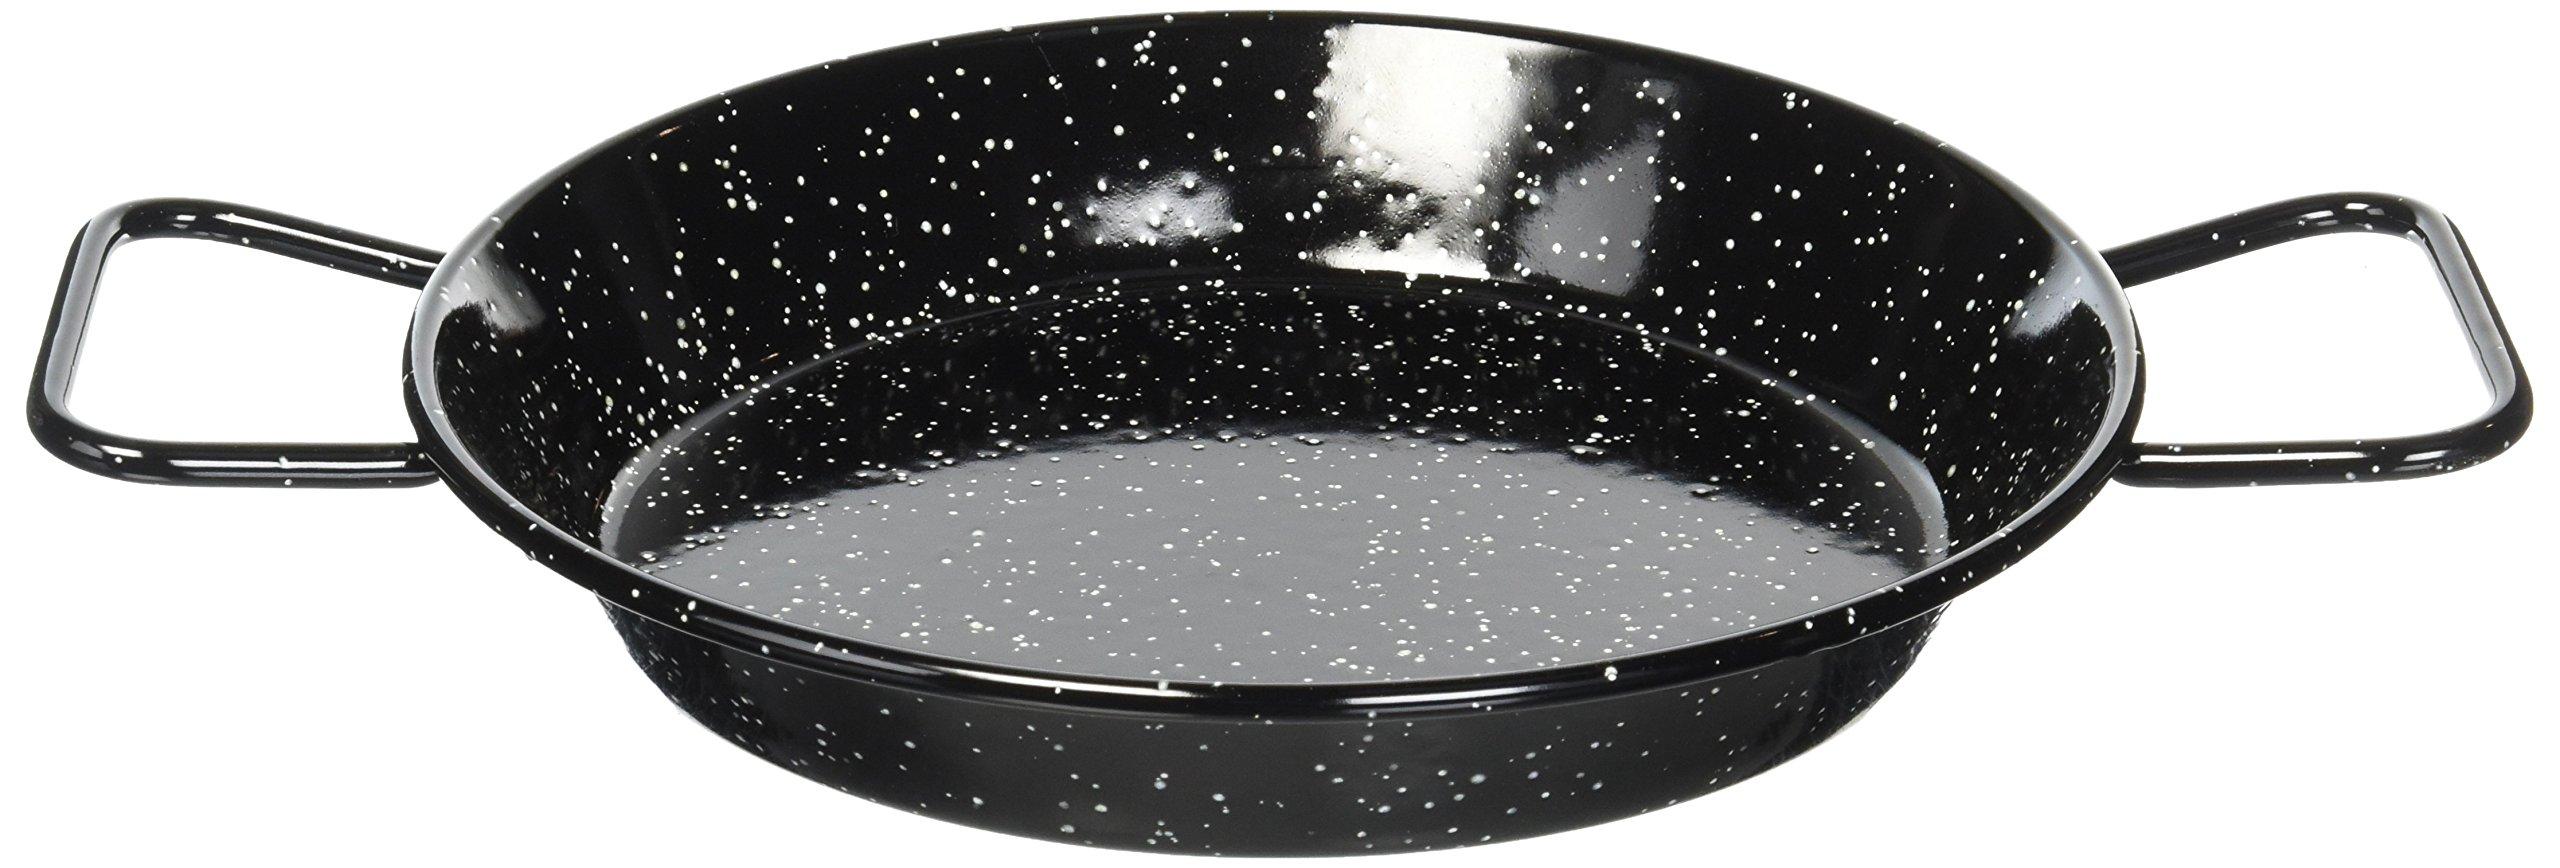 Garcima 9-1/2-Inch Enameled Steel Paella Pan, 24cm